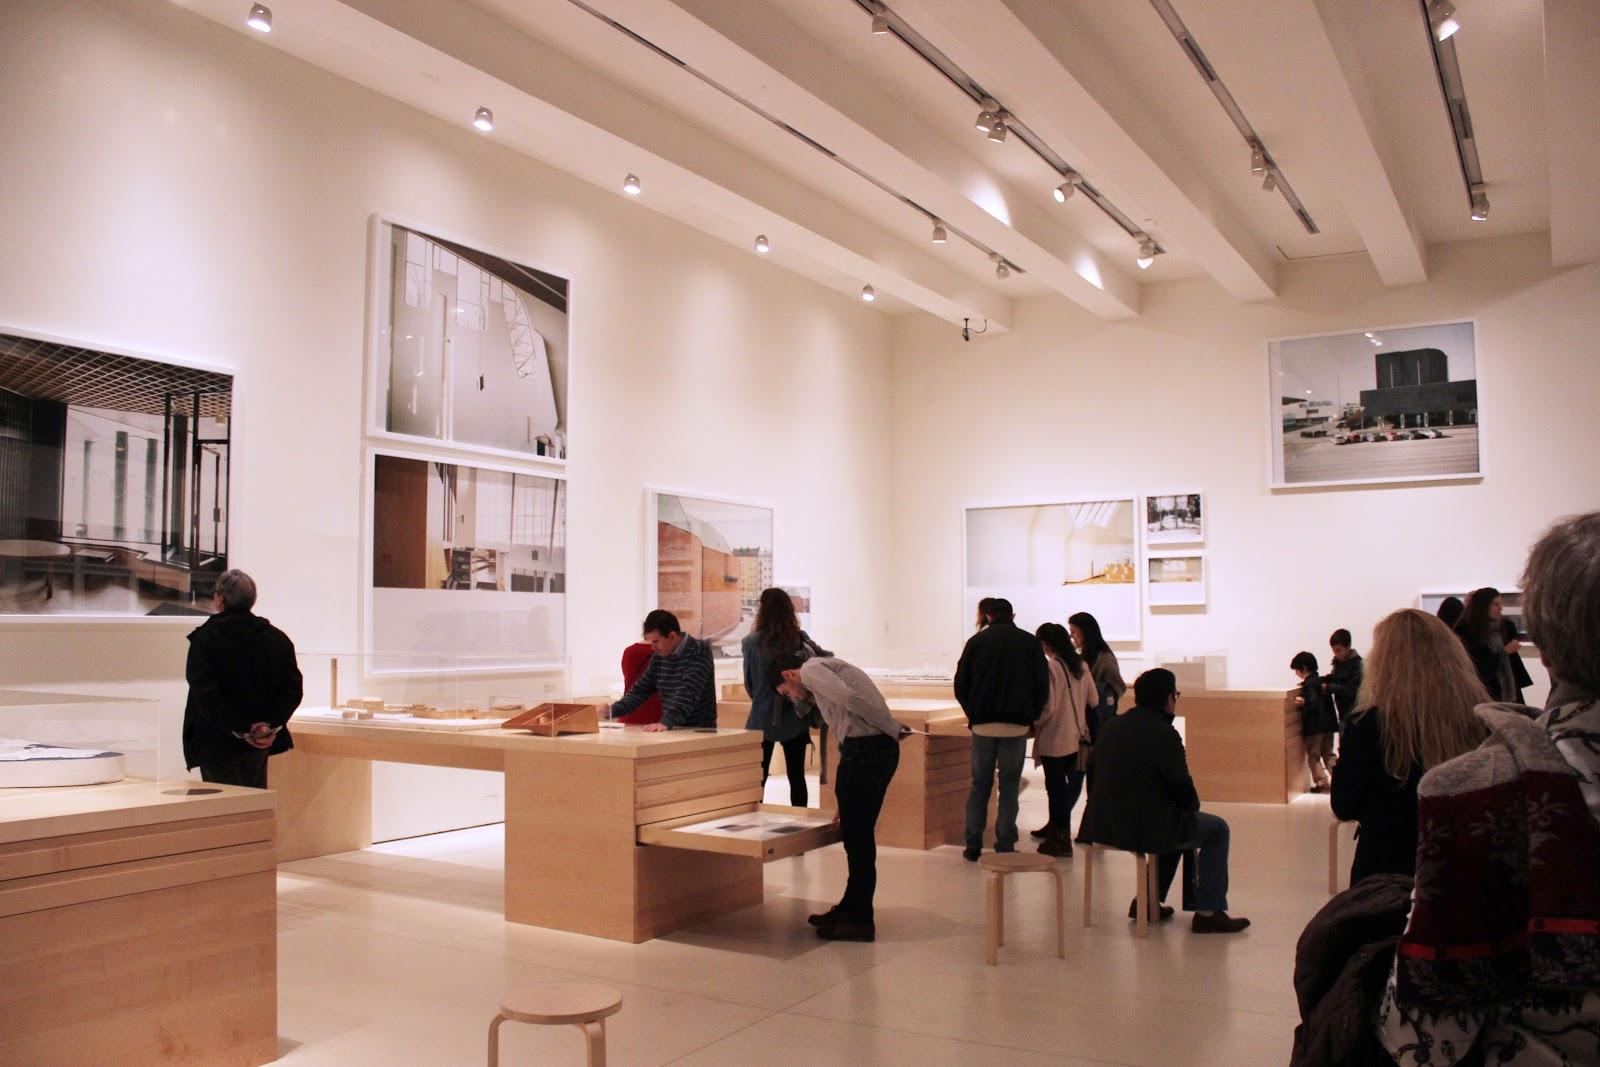 Caixa forum exposicion fotografia 86